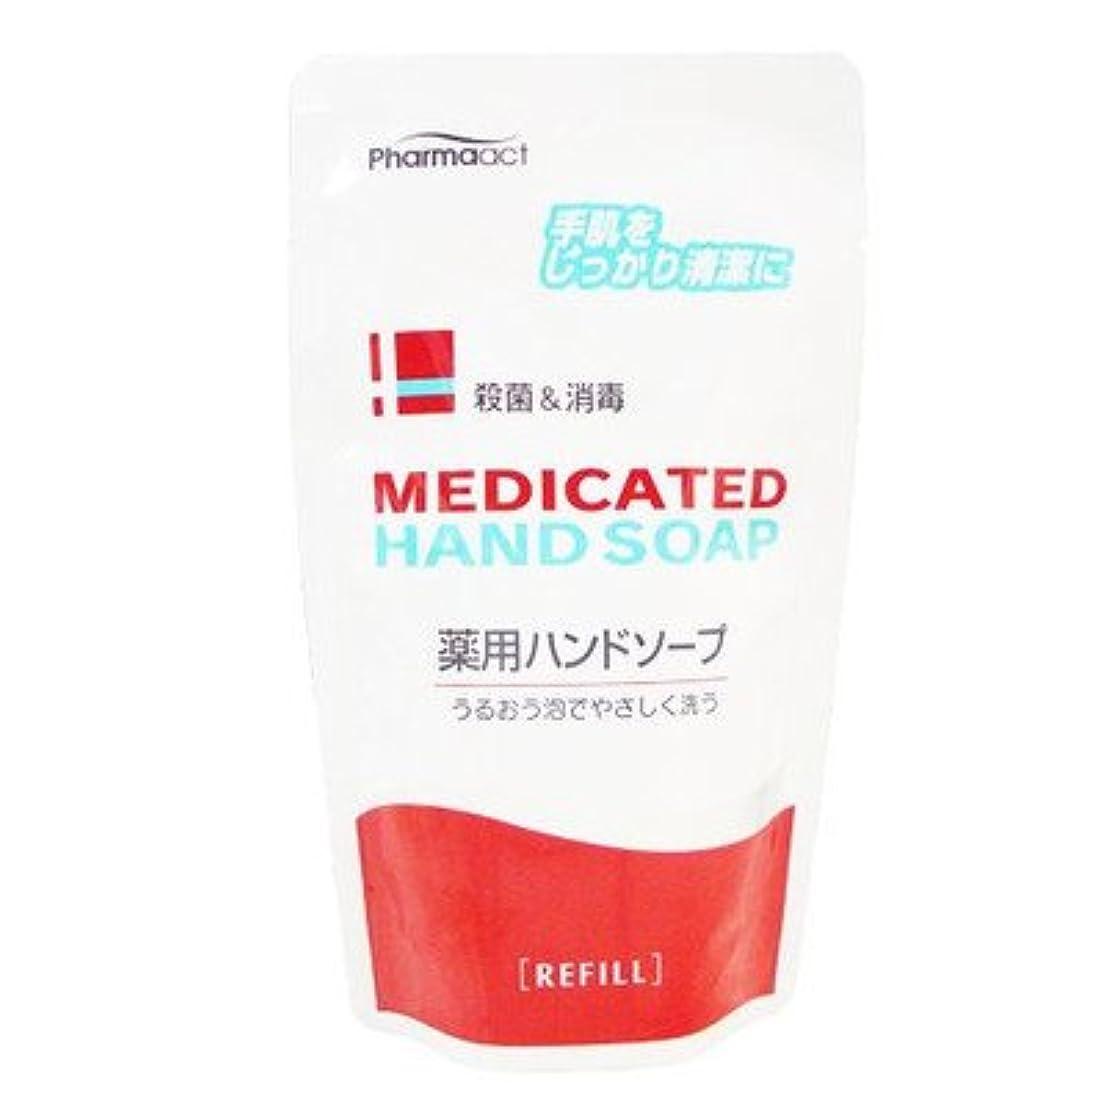 見つけるかもめ仮説Medicated 薬用ハンドソープ 殺菌+消毒 200ml【つめかえ用】(医薬部外品)